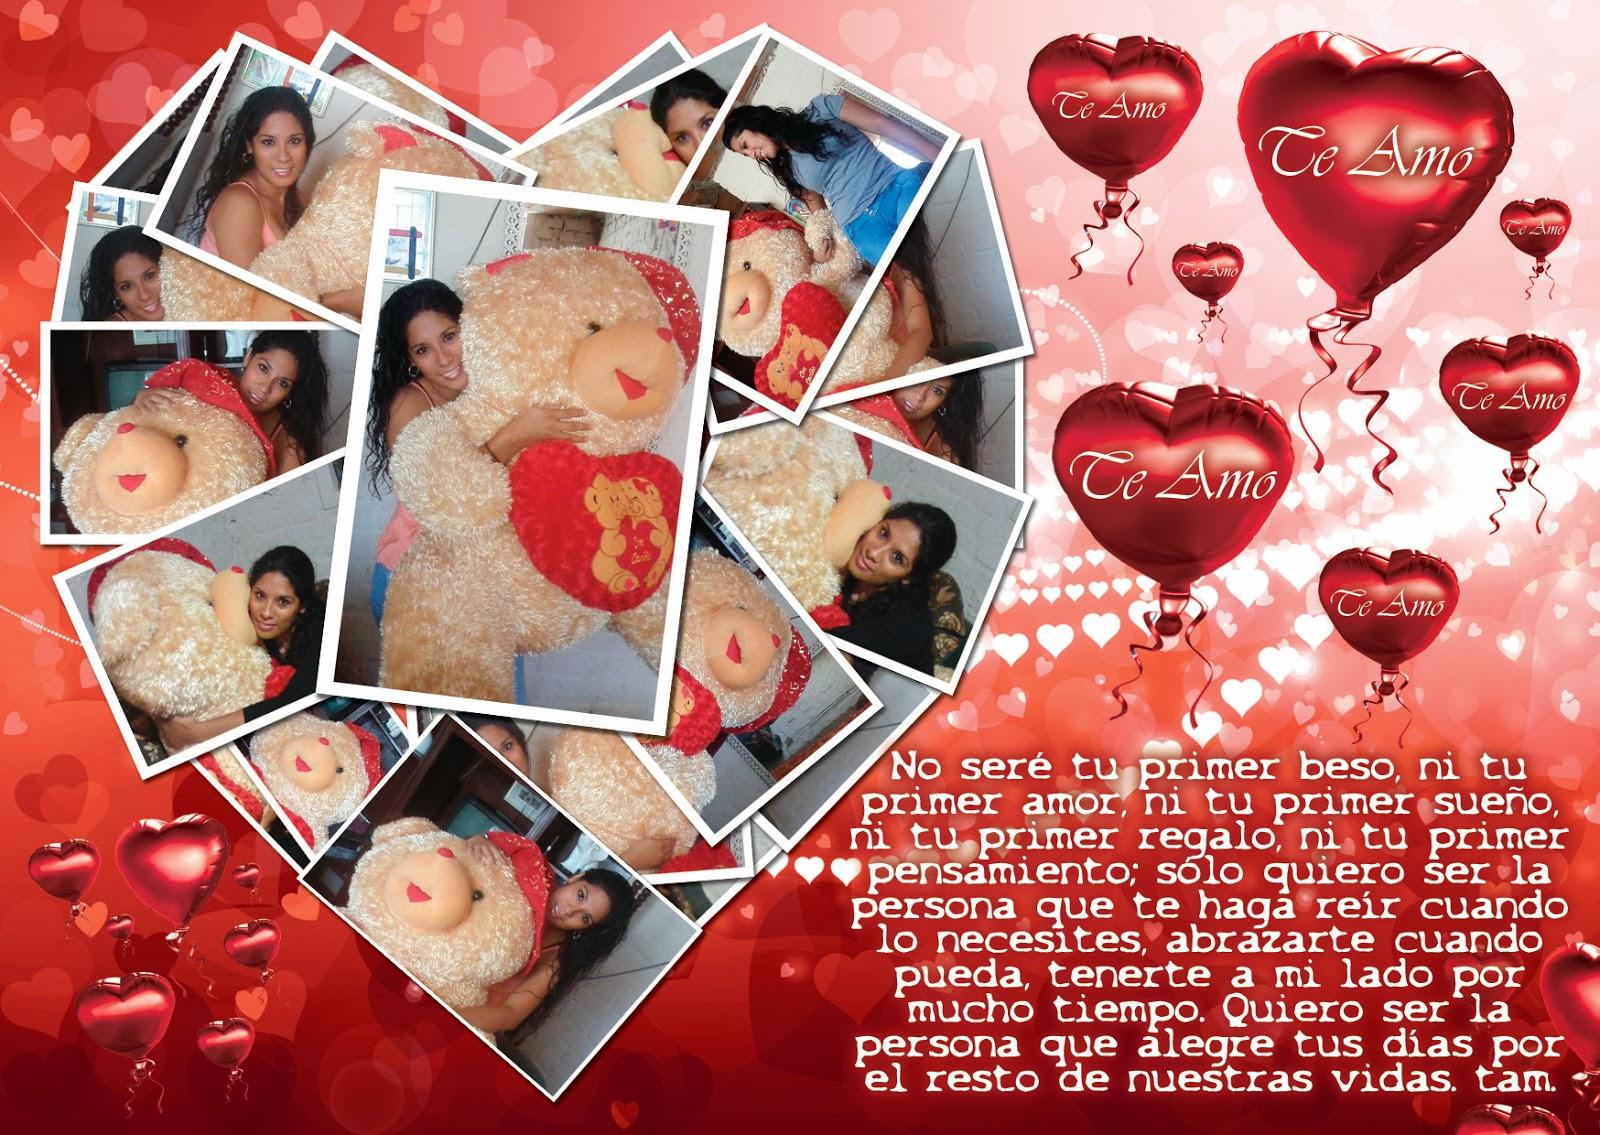 Imagenes de Amor y Amistad Gratis 2013